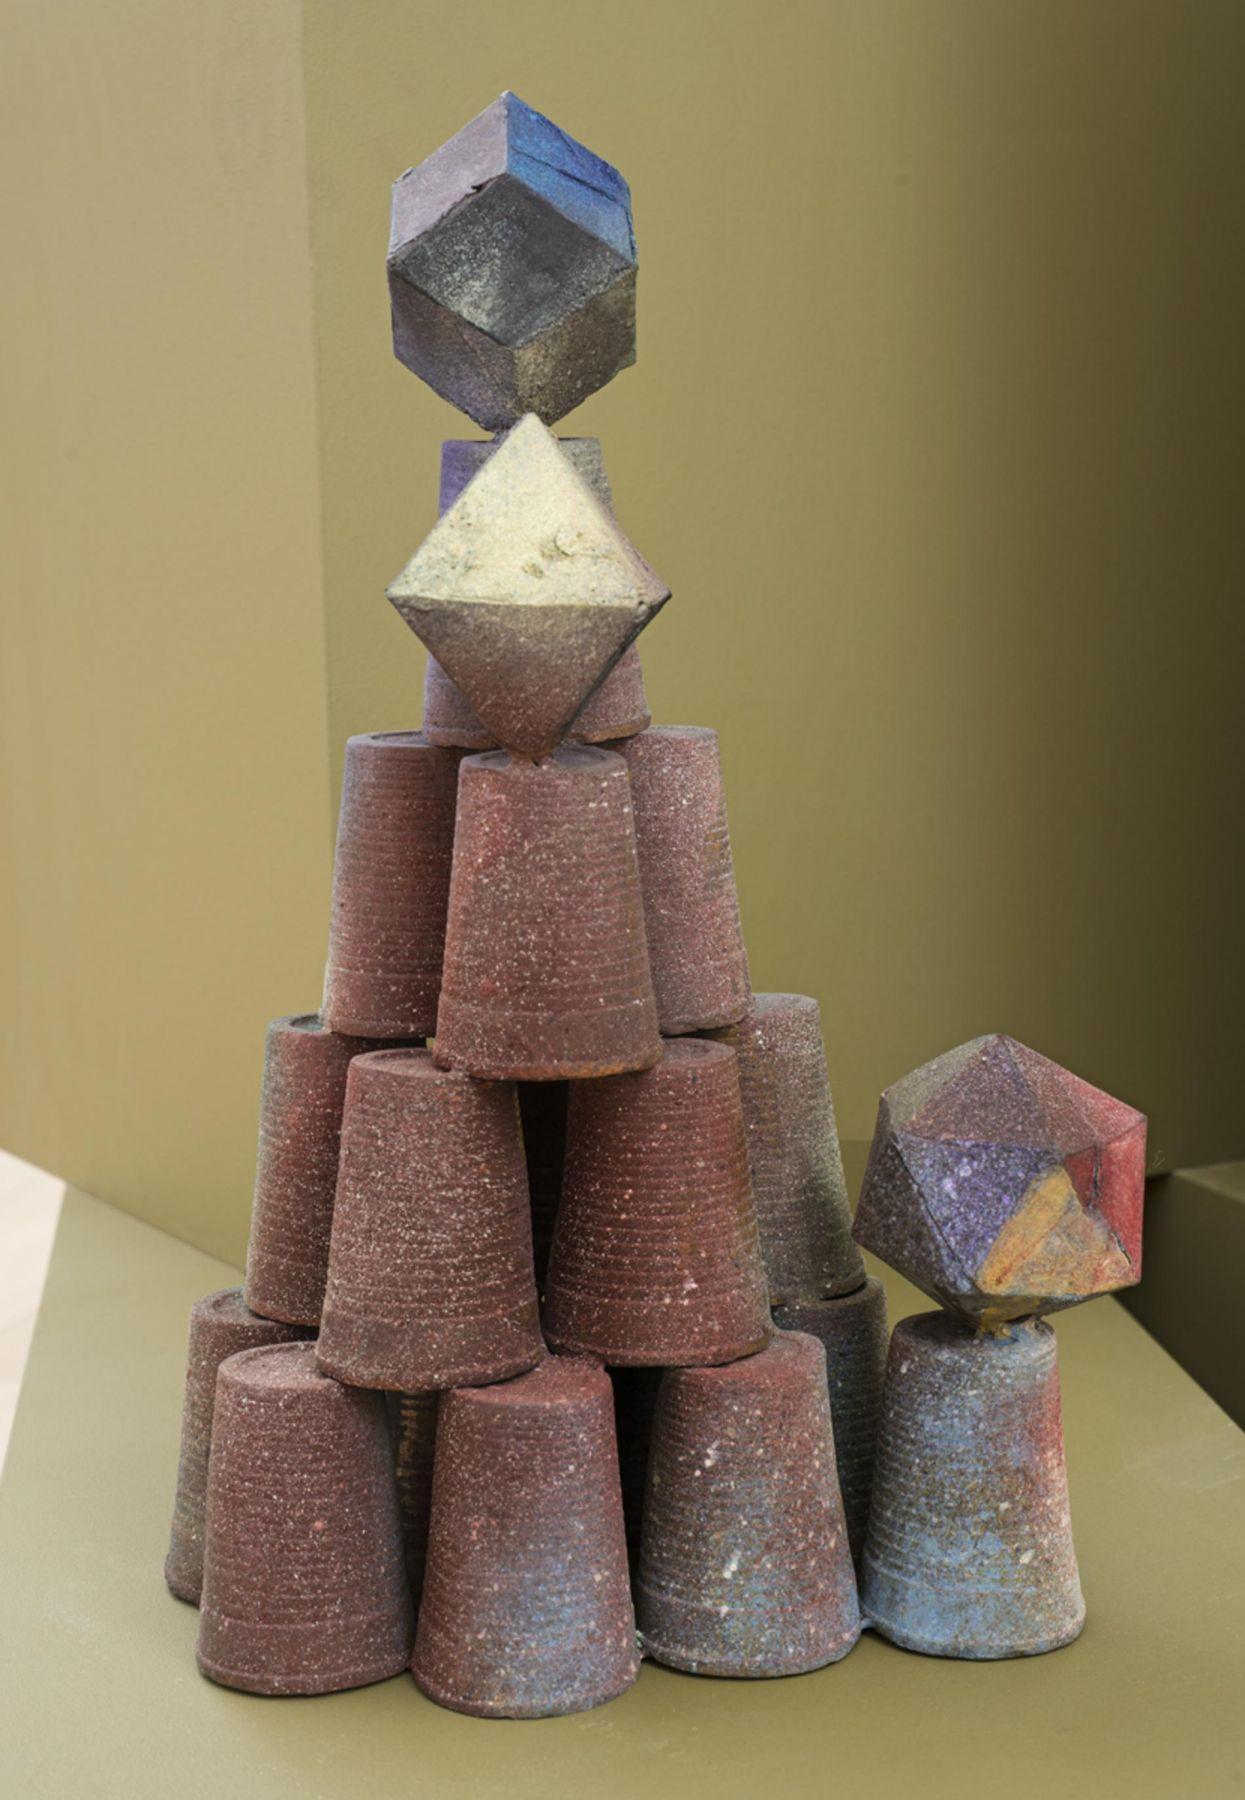 , FOLKERT DE JONGAct of Supremacy,2014Patinated bronze15 11/16 x 11 3/4 x 7 13/16 in.